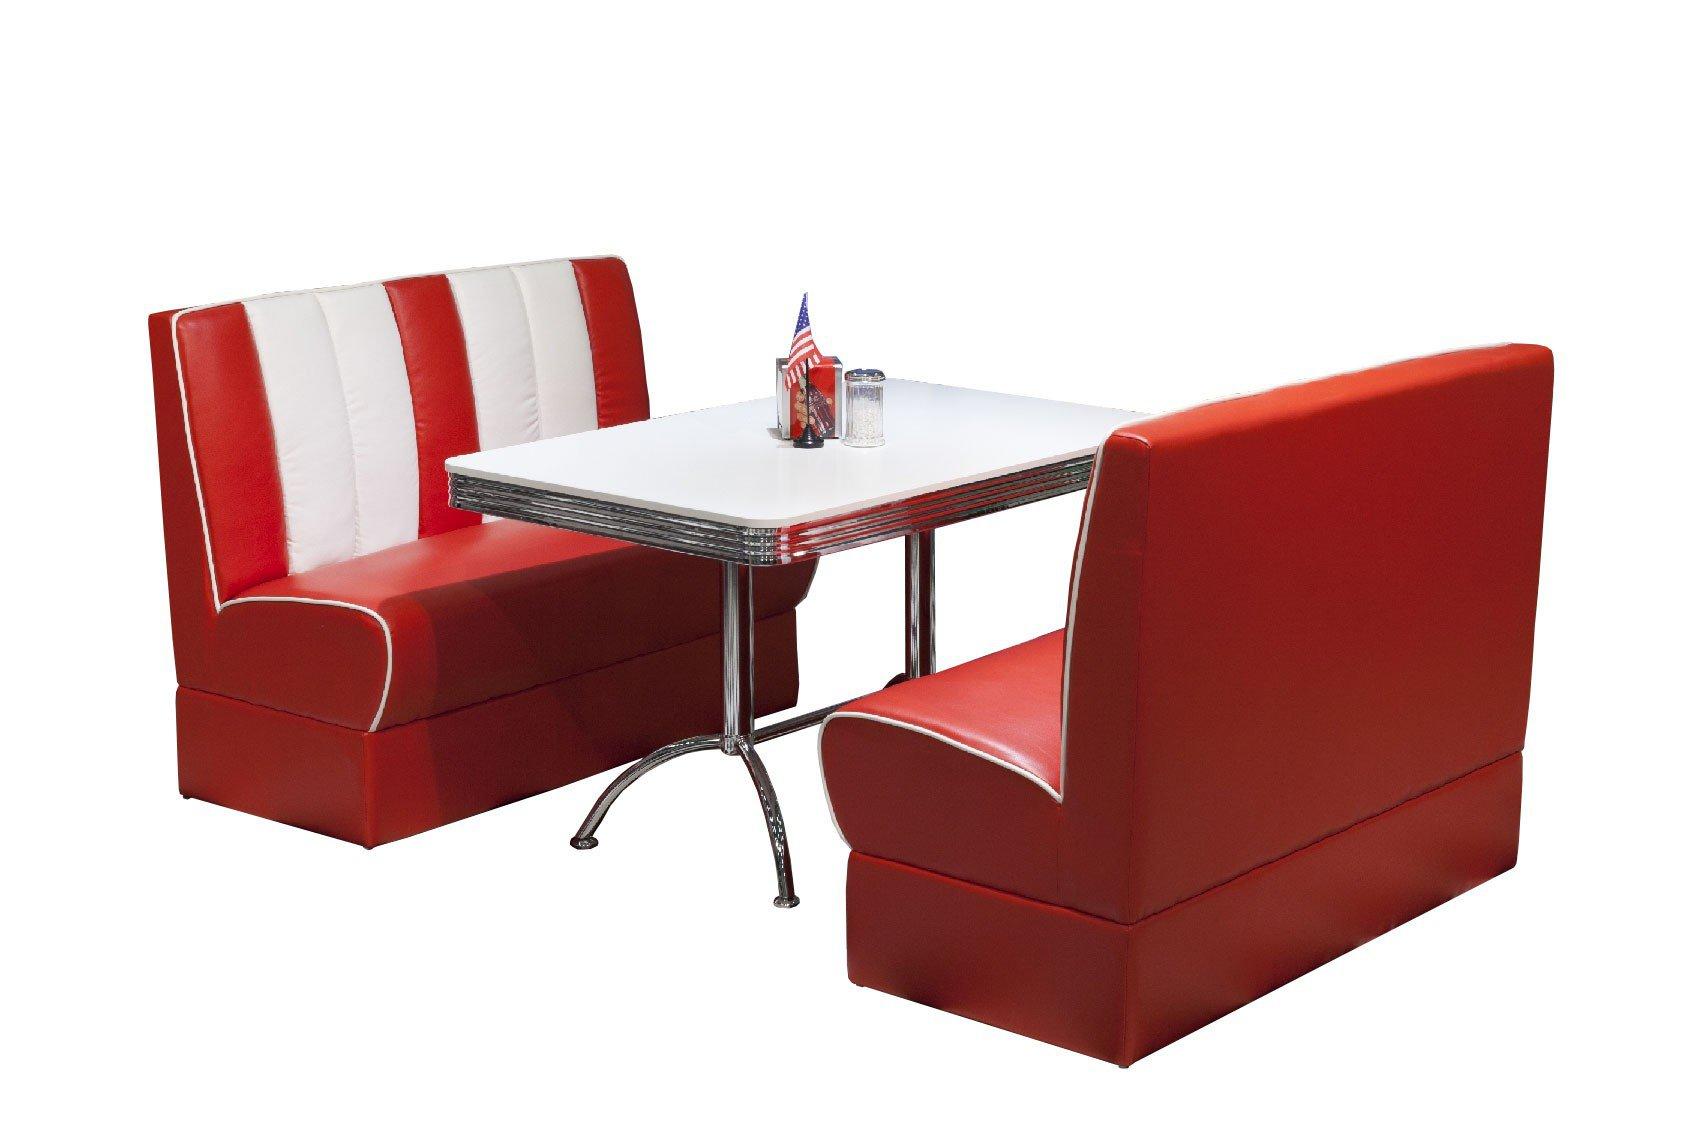 American Diner Esszimmer in RotWei von Top Form  Mbel